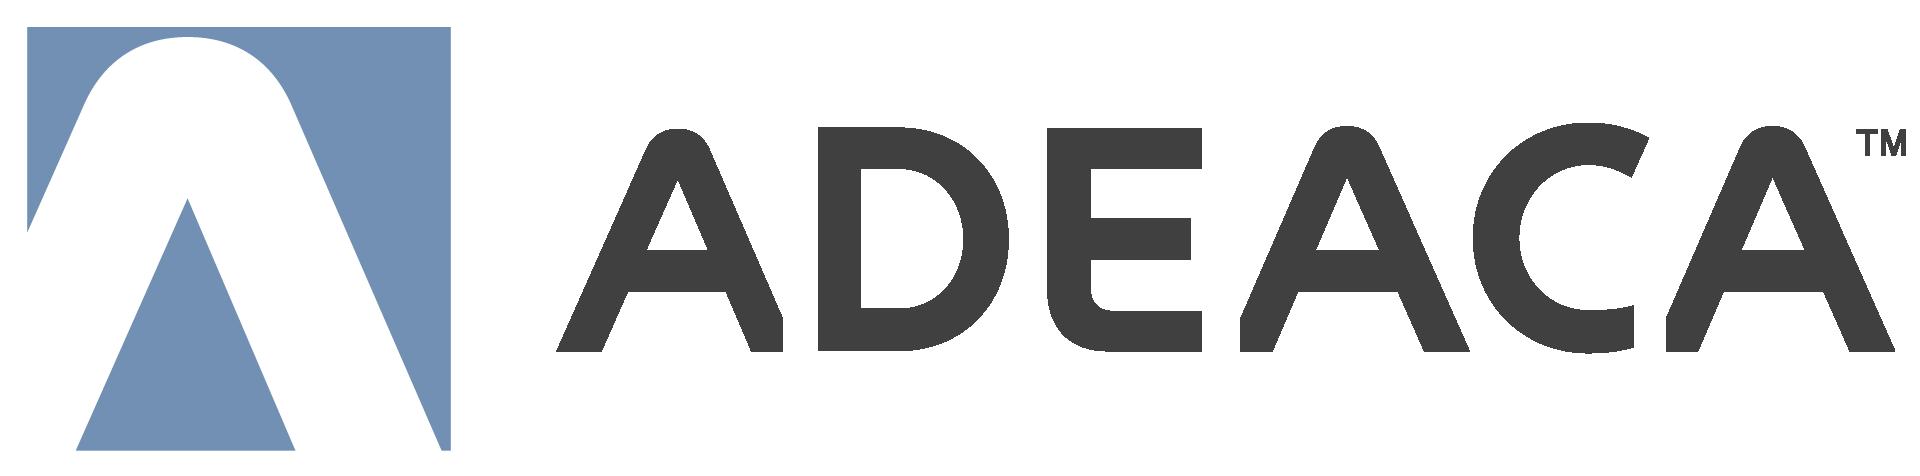 Forbes Business Development Council Welcomes Matt Mong of Adeaca